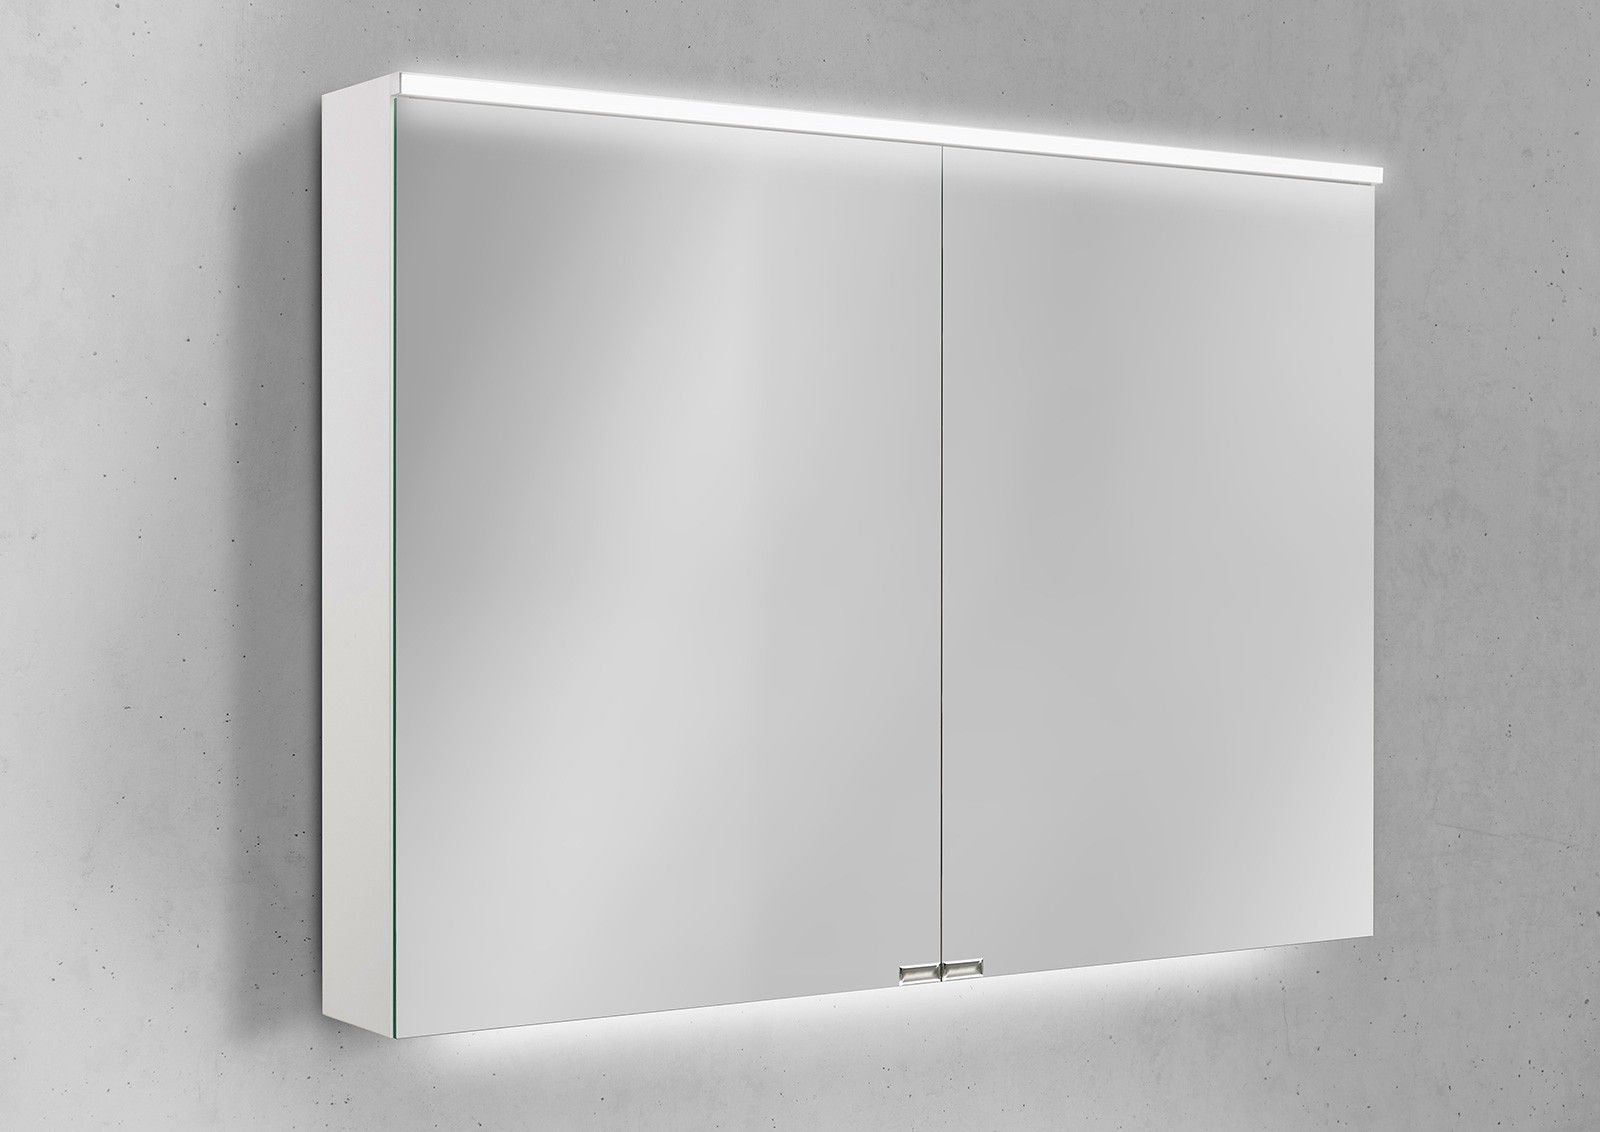 Spiegelschrank 100 Cm Integrierte Led Beleuchtung Doppelt Verspiegelt Spiegelschrank Spiegelschrank Bad Spiegelschrank Beleuchtung